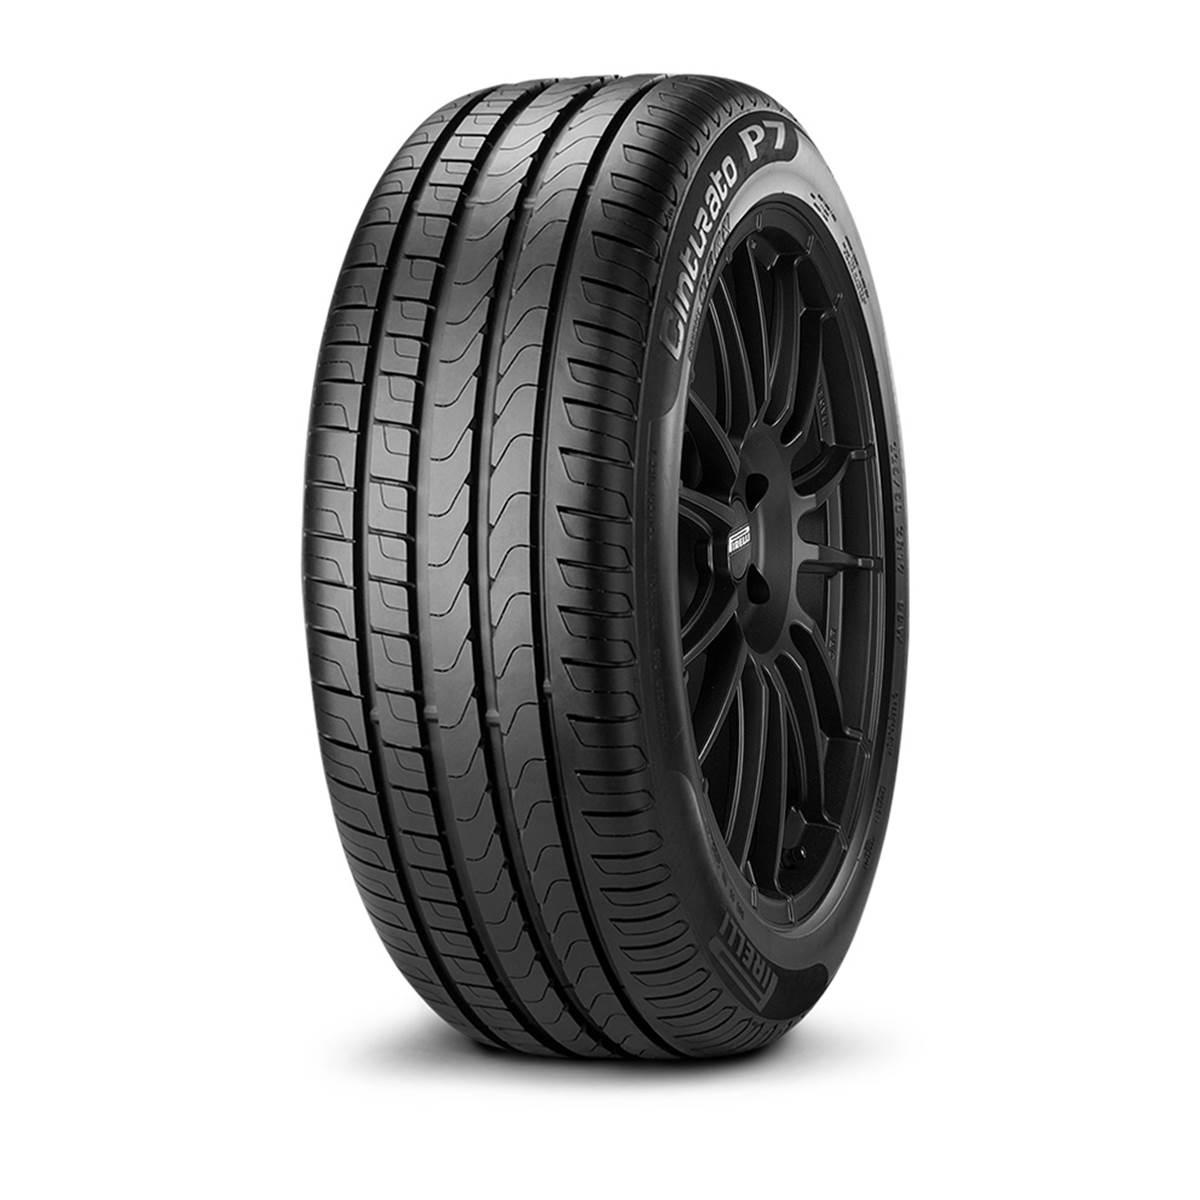 Pneu Runflat Pirelli 205/50R17 89Y Cinturato P7